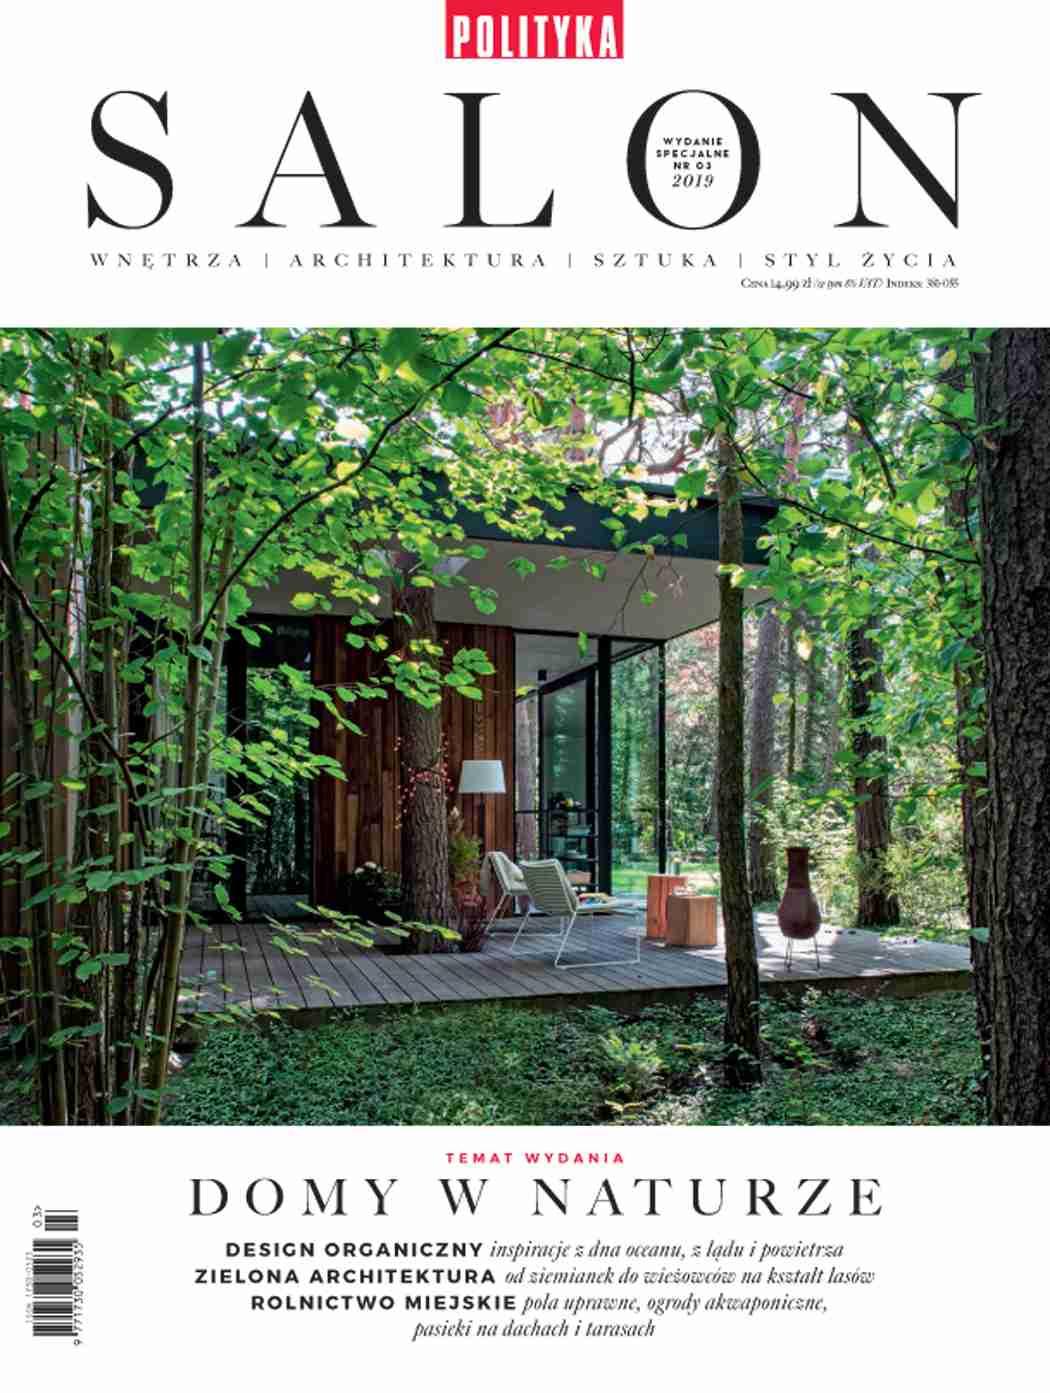 Polityka. Salon. Wydanie specjalne 3/2019 - Ebook (Książka PDF) do pobrania w formacie PDF